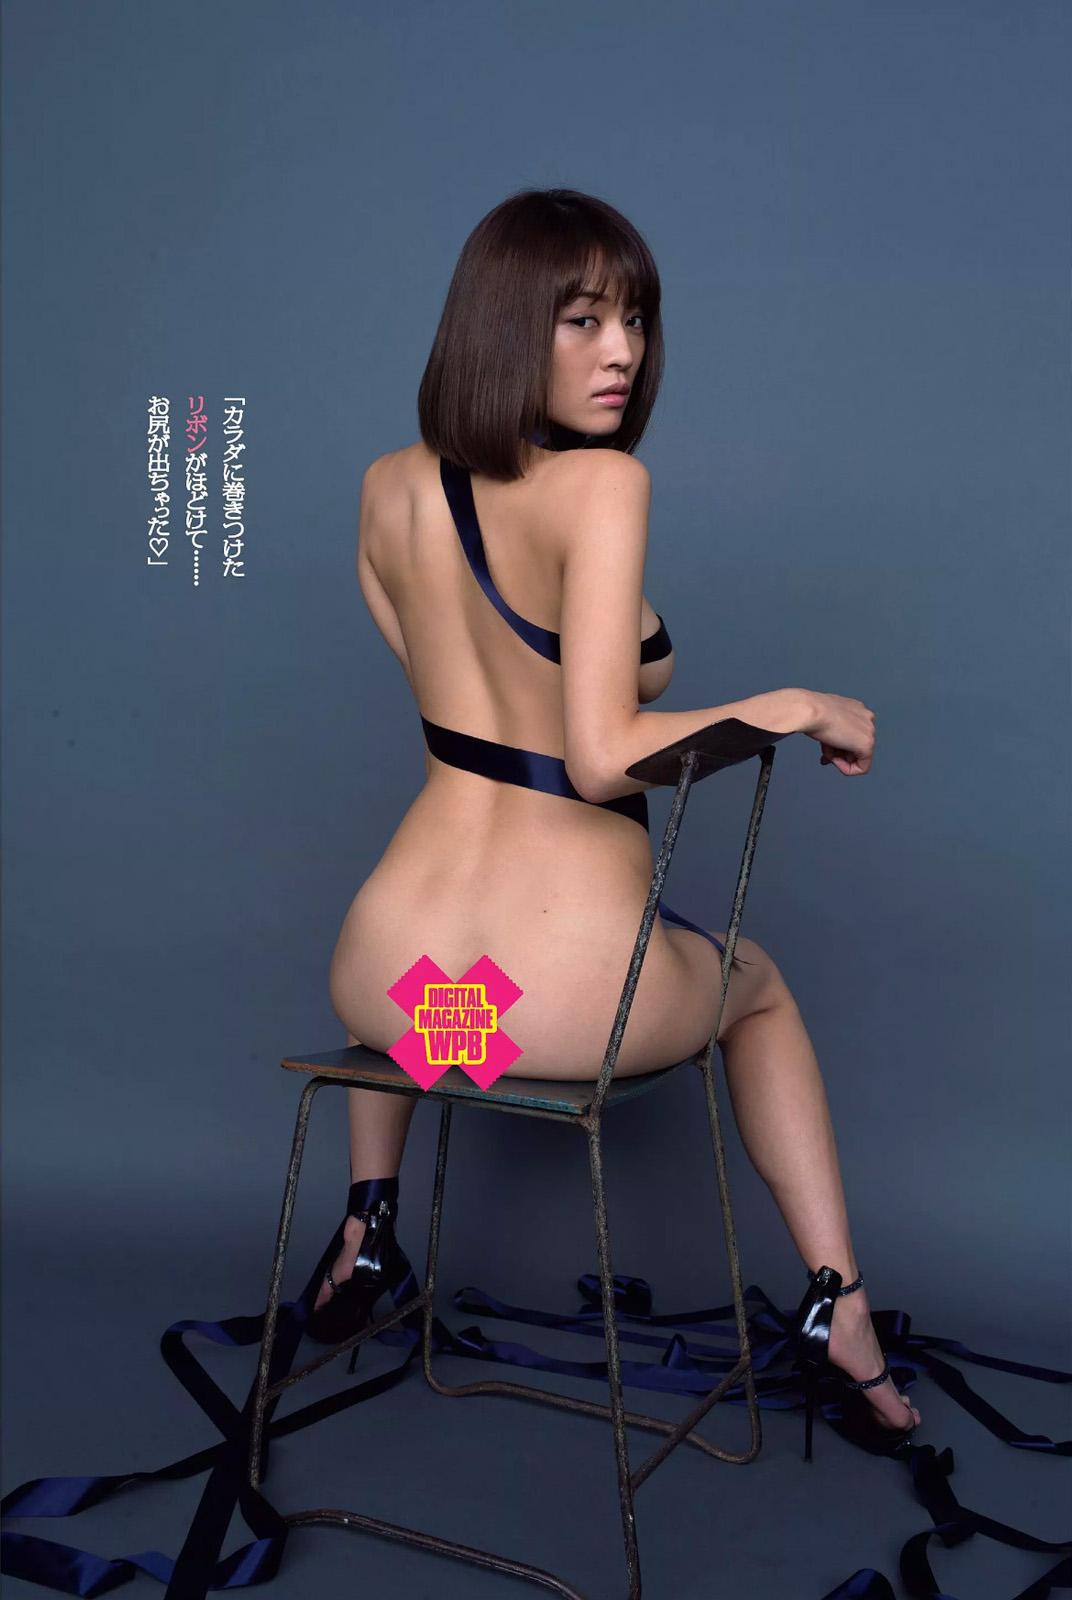 伊藤しほ乃のヌードエロ画像が100連発!元女芸人のGカップエロすぎ…!・6枚目の画像